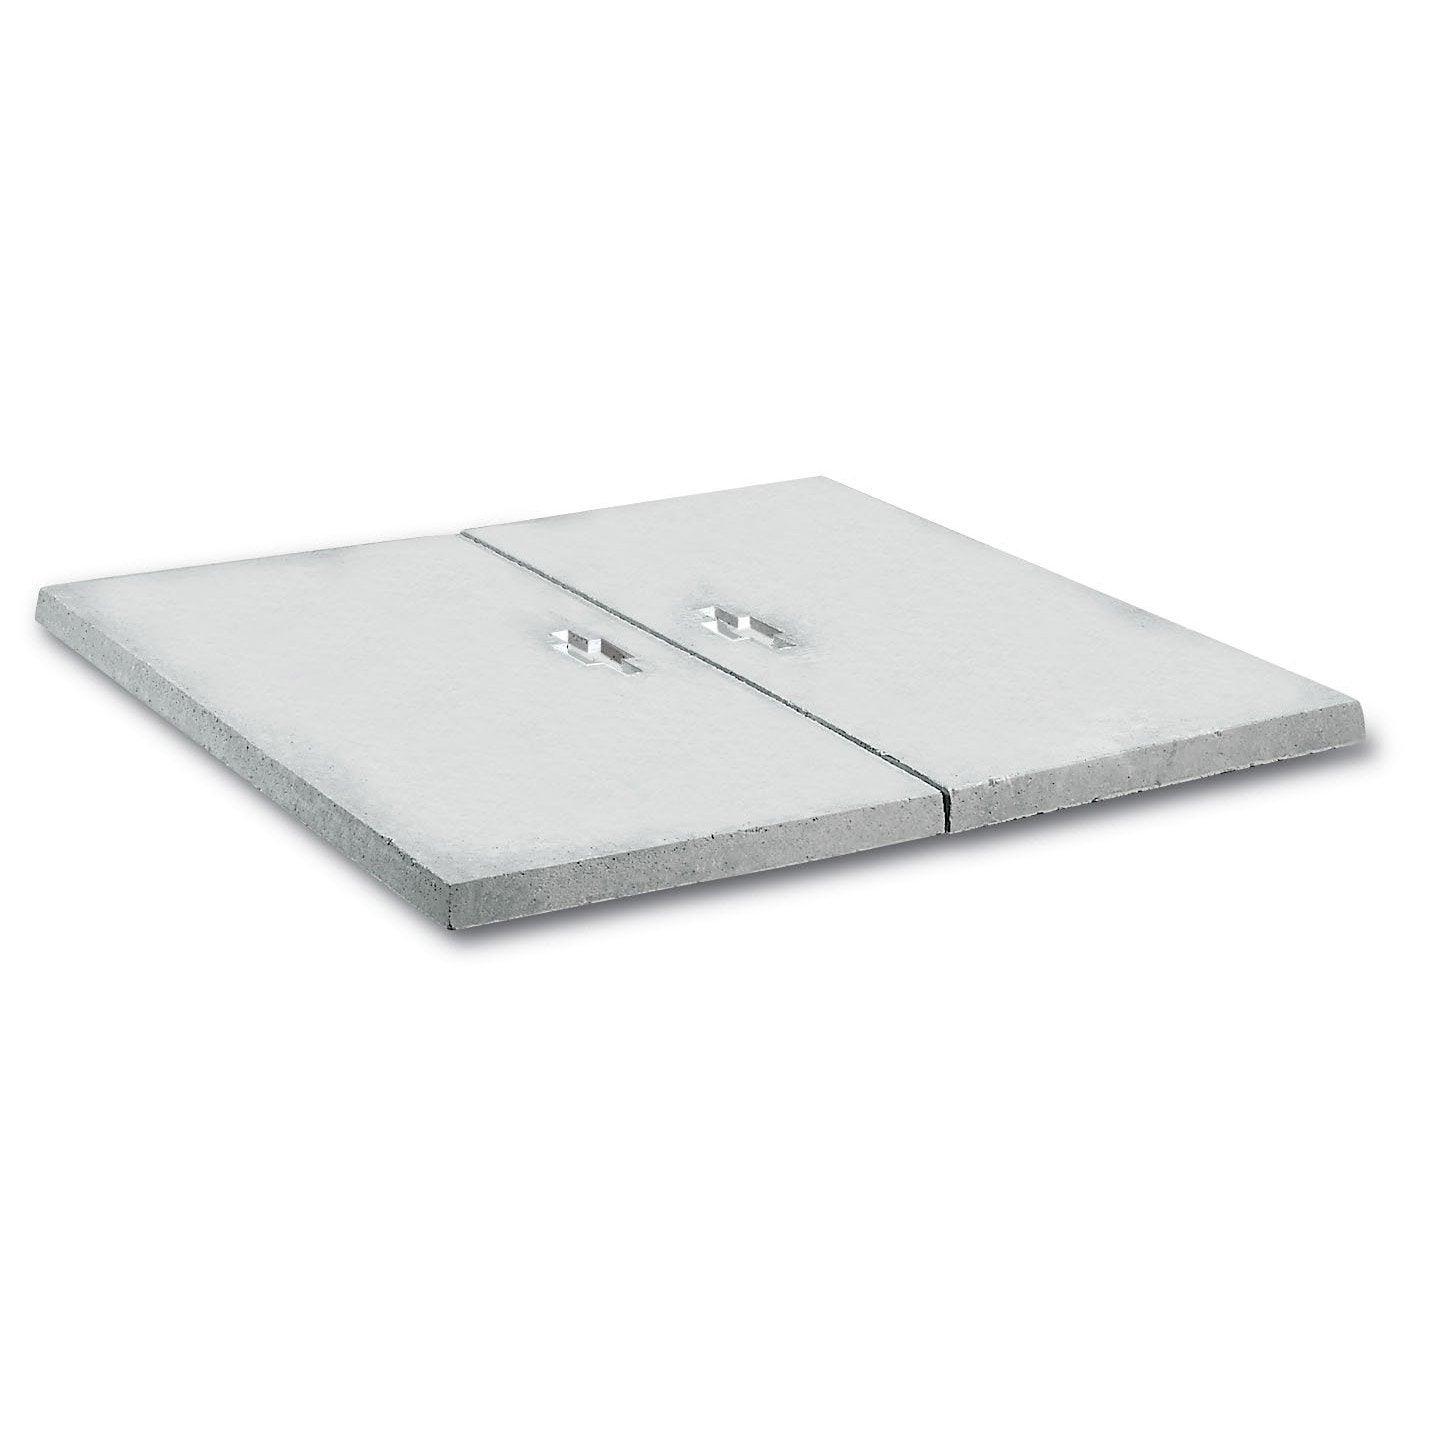 Couvercle pour abri b ton gris legouez x cm for Carrelage 70x70